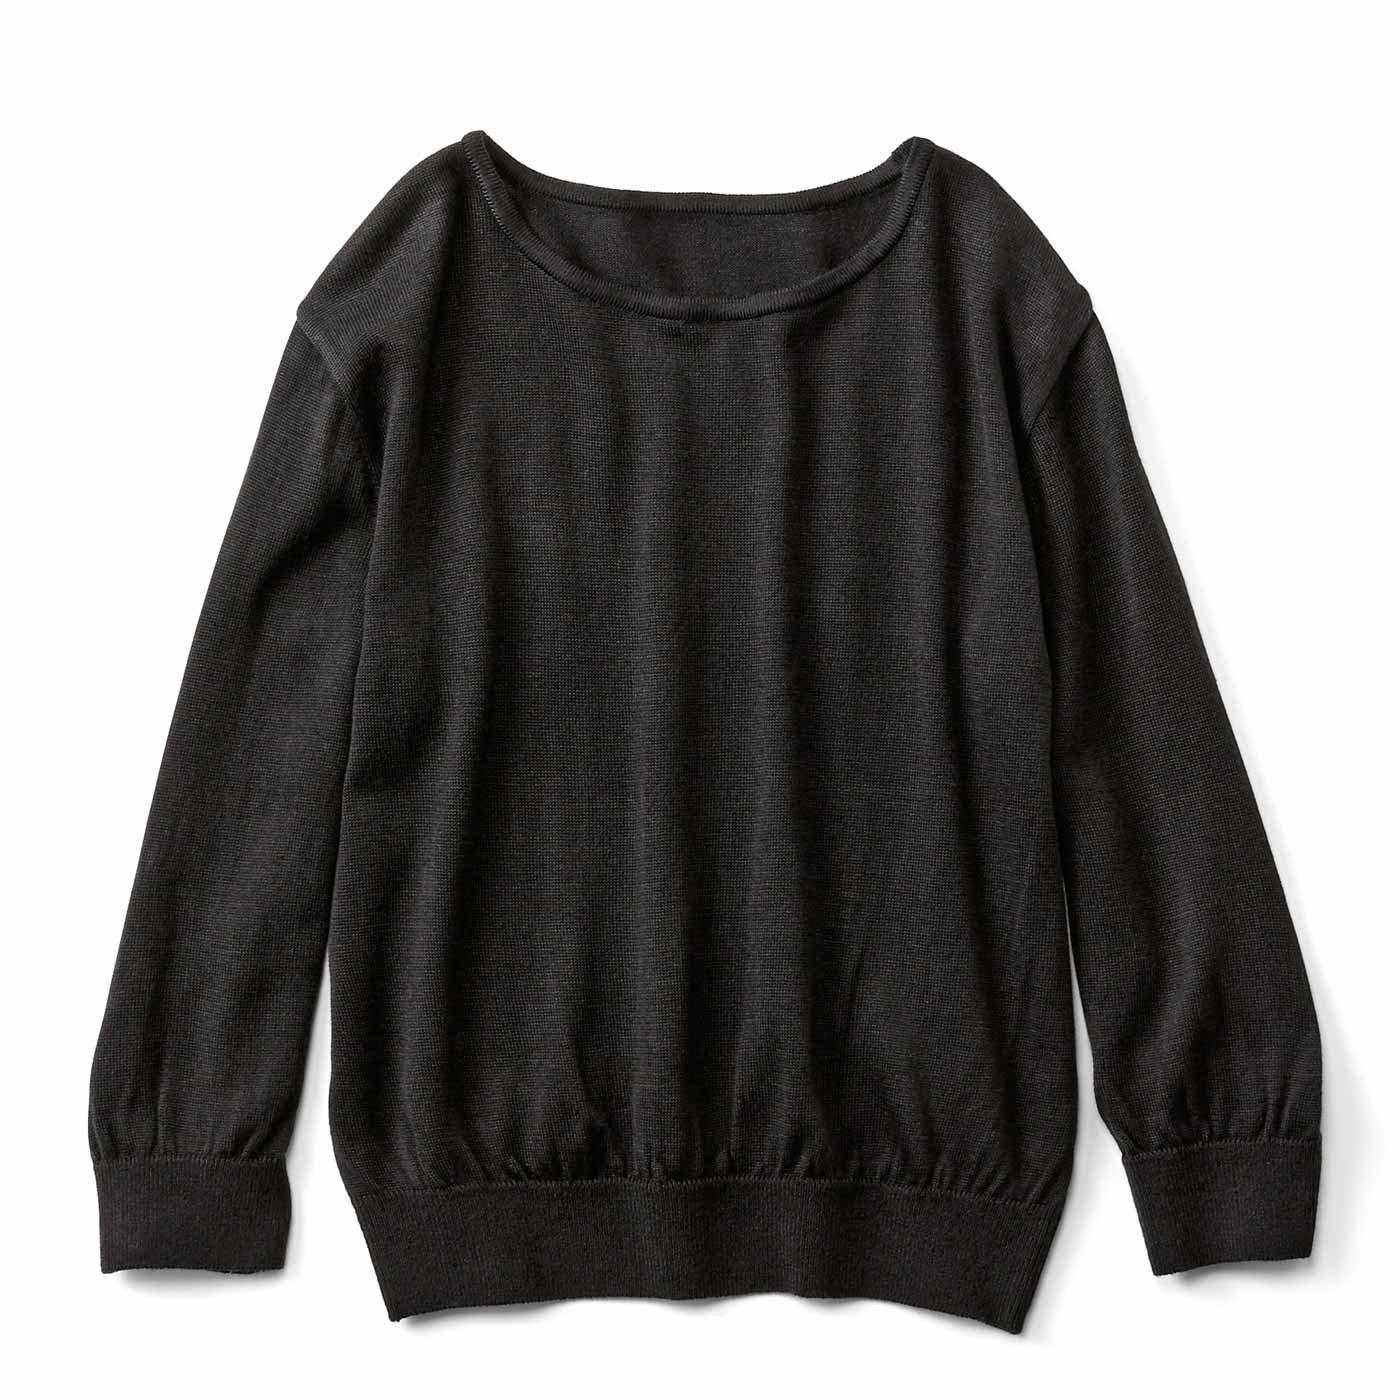 シンプルに着まわせる Tシャツ感覚のニットトップス〈ブラック〉